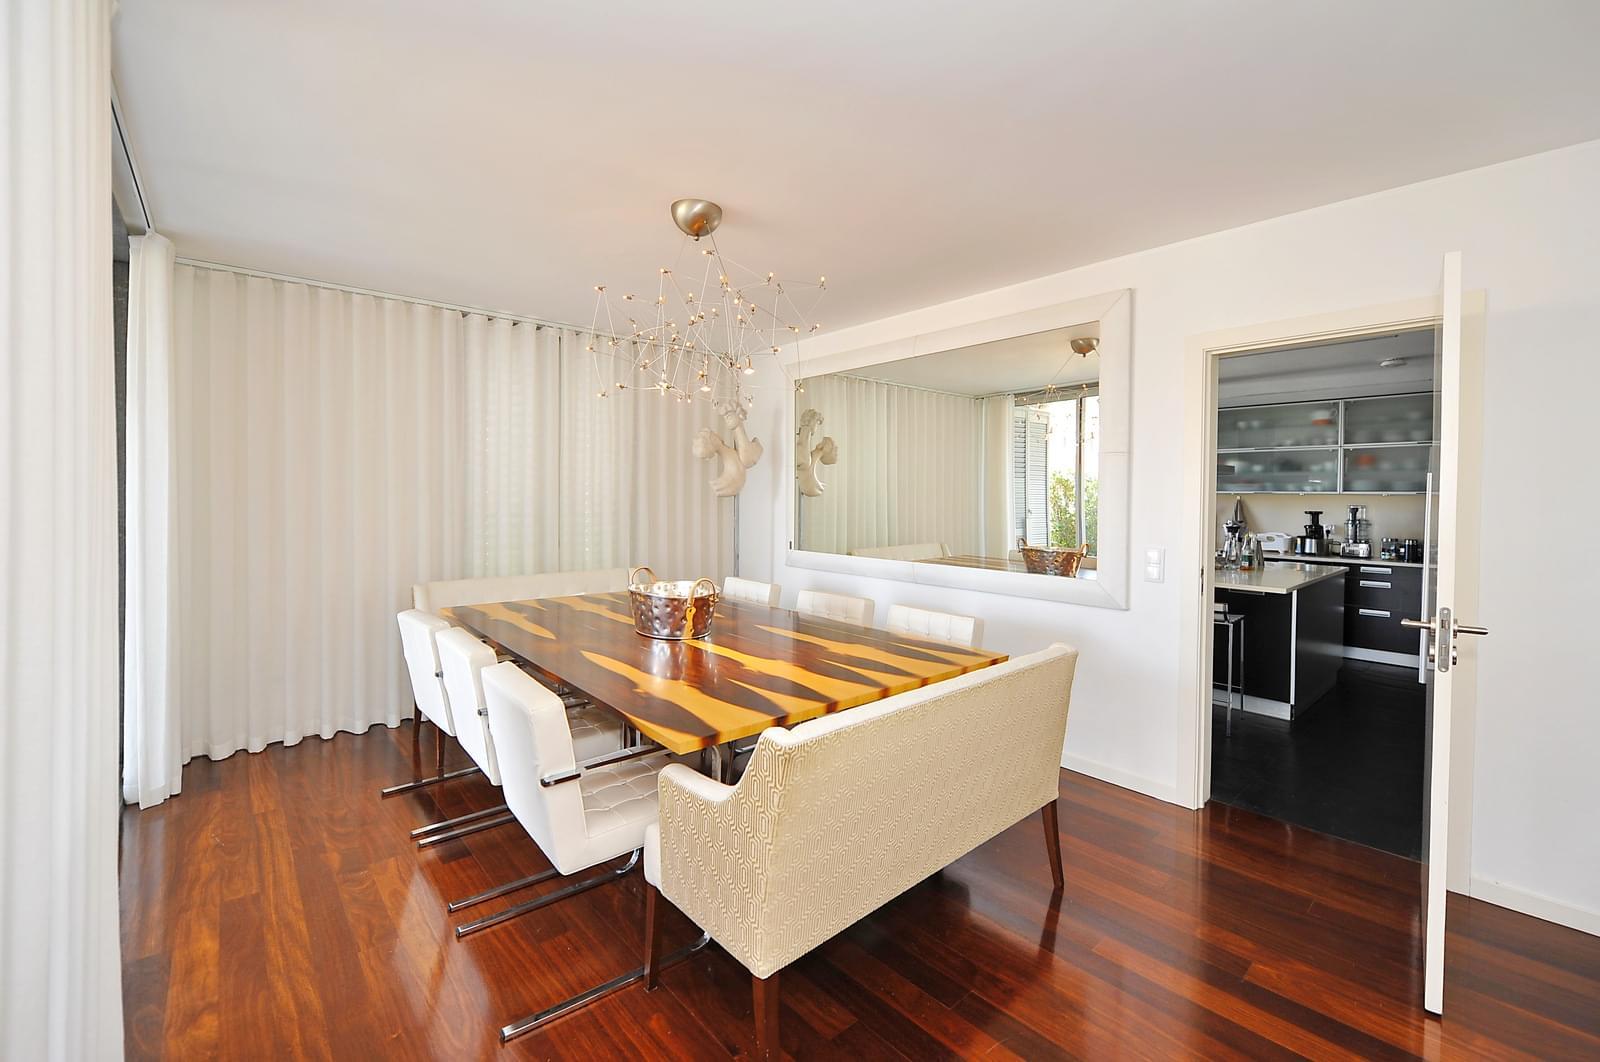 pf17631-apartamento-t5-cascais-039f59a7-6b18-4883-bd74-14d4688aa4df